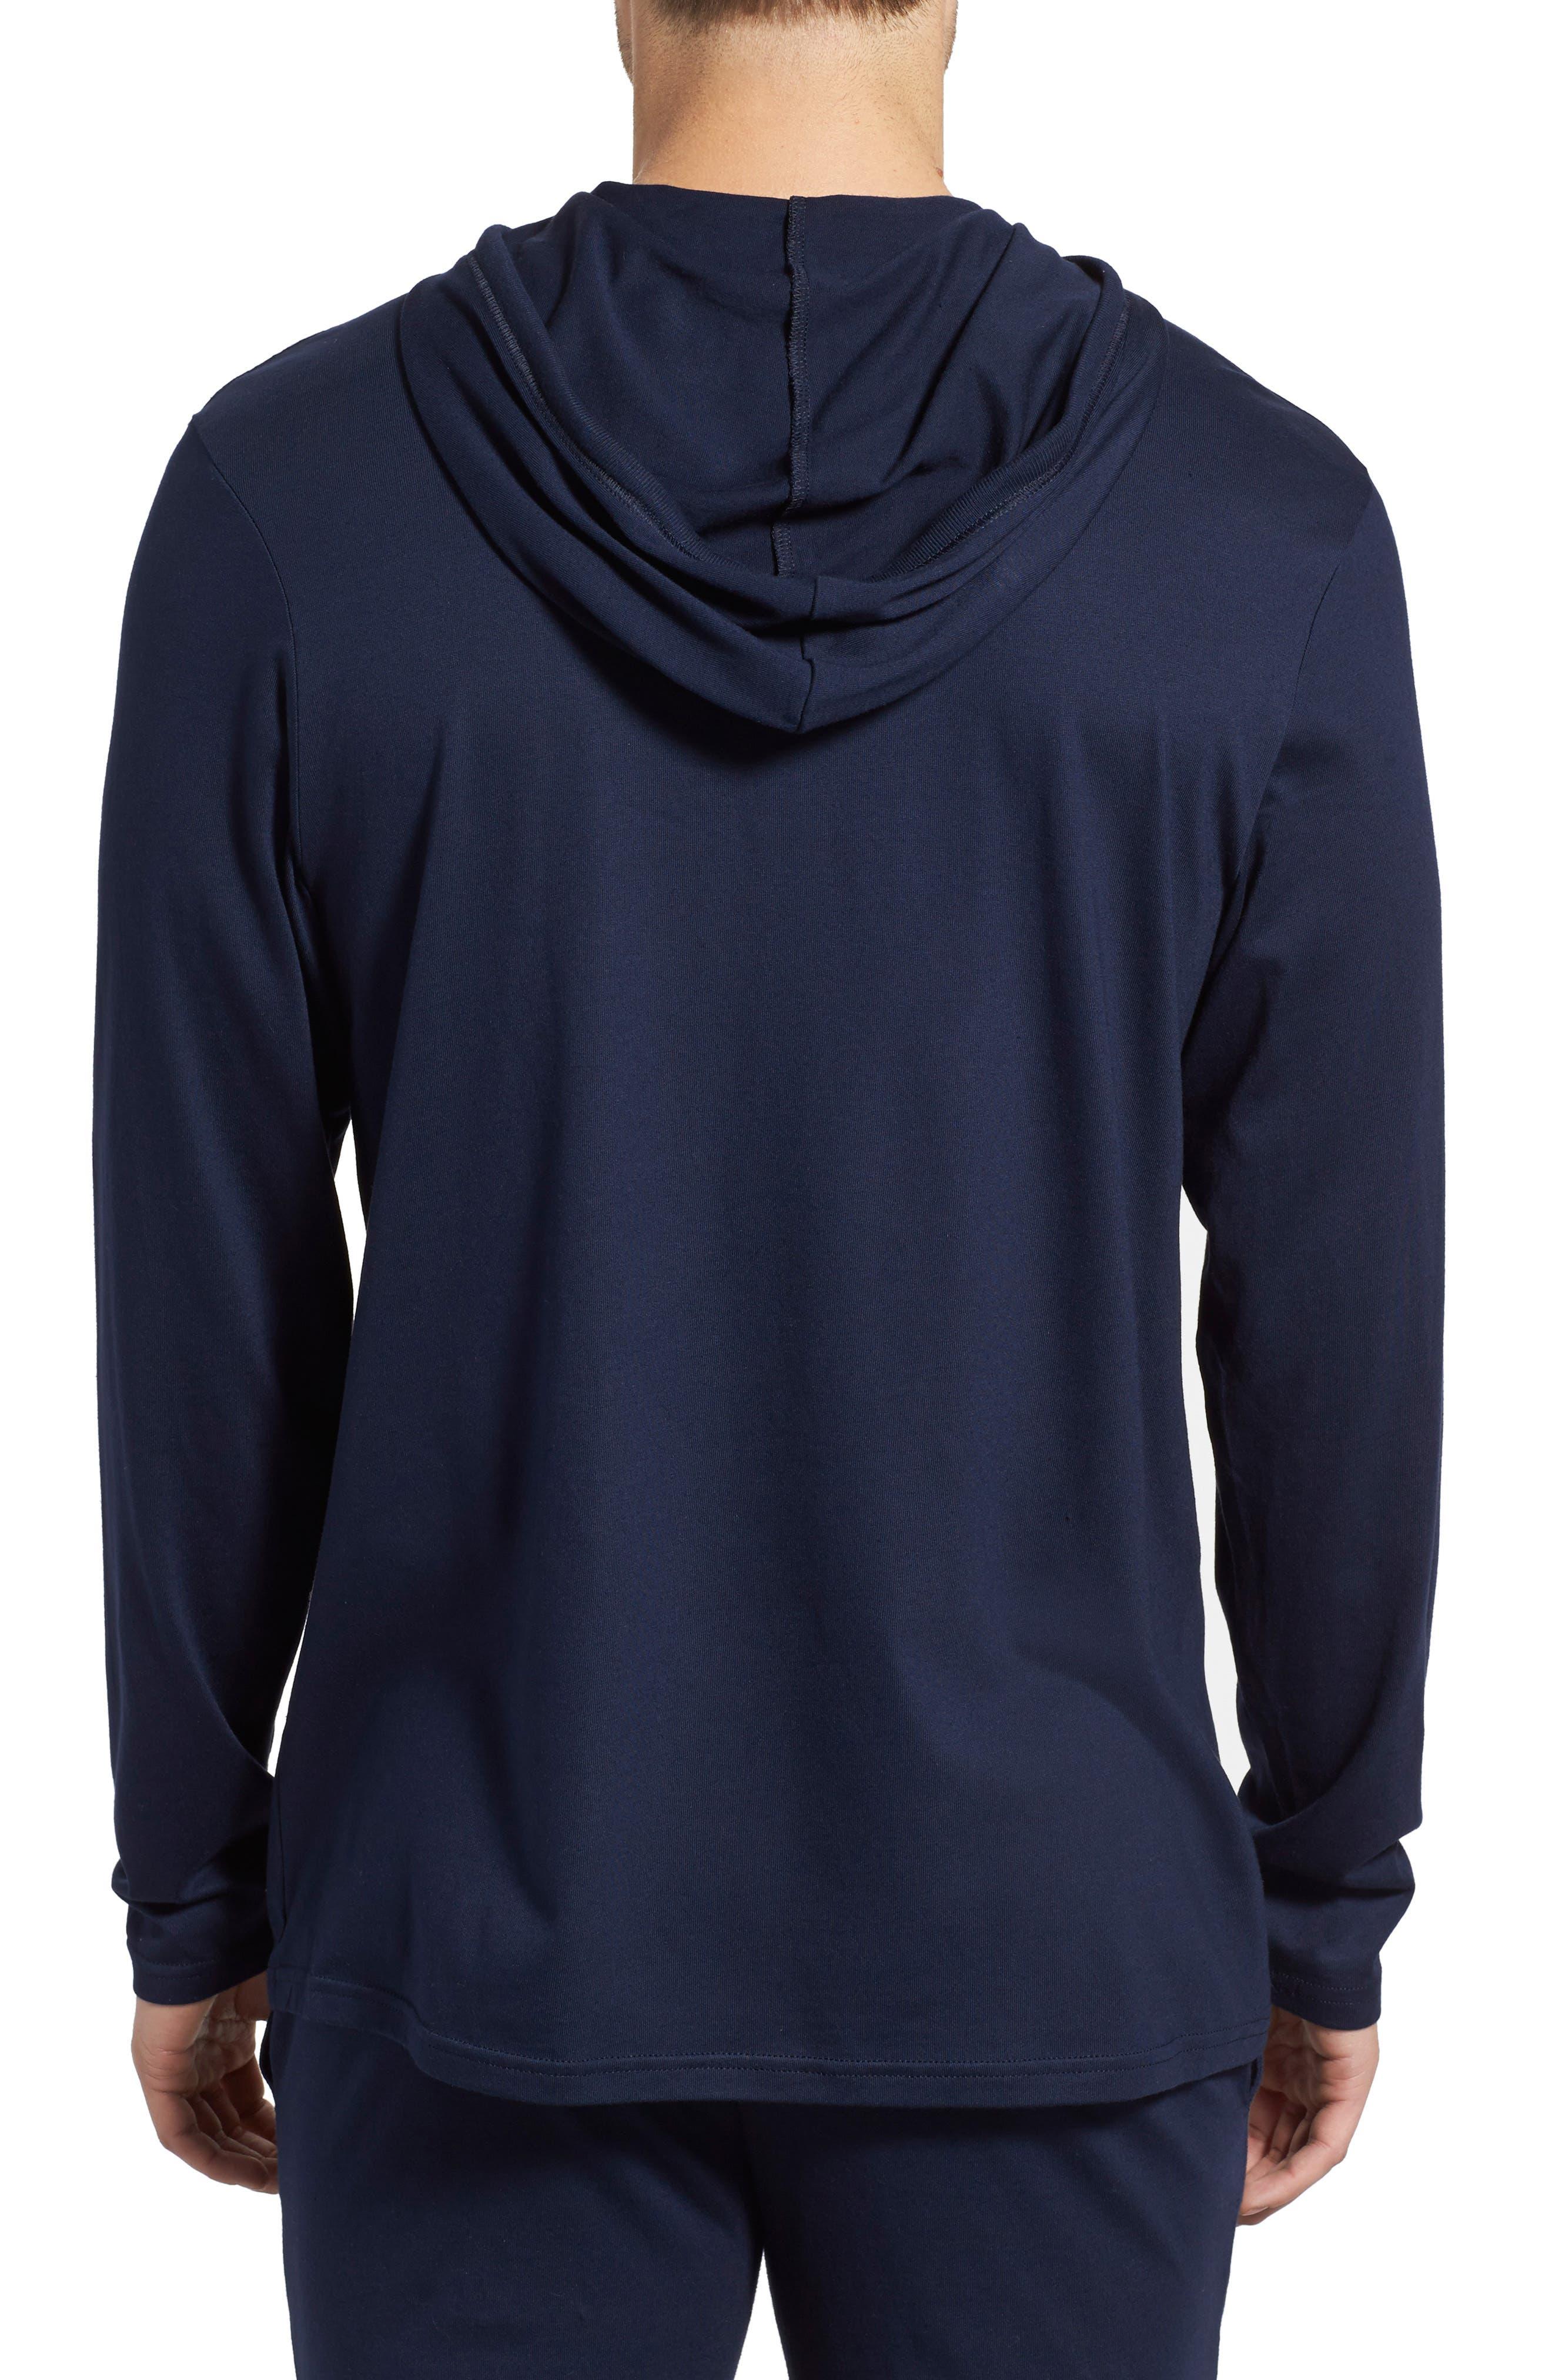 Men's Hoodies & Sweatshirts   Nordstrom